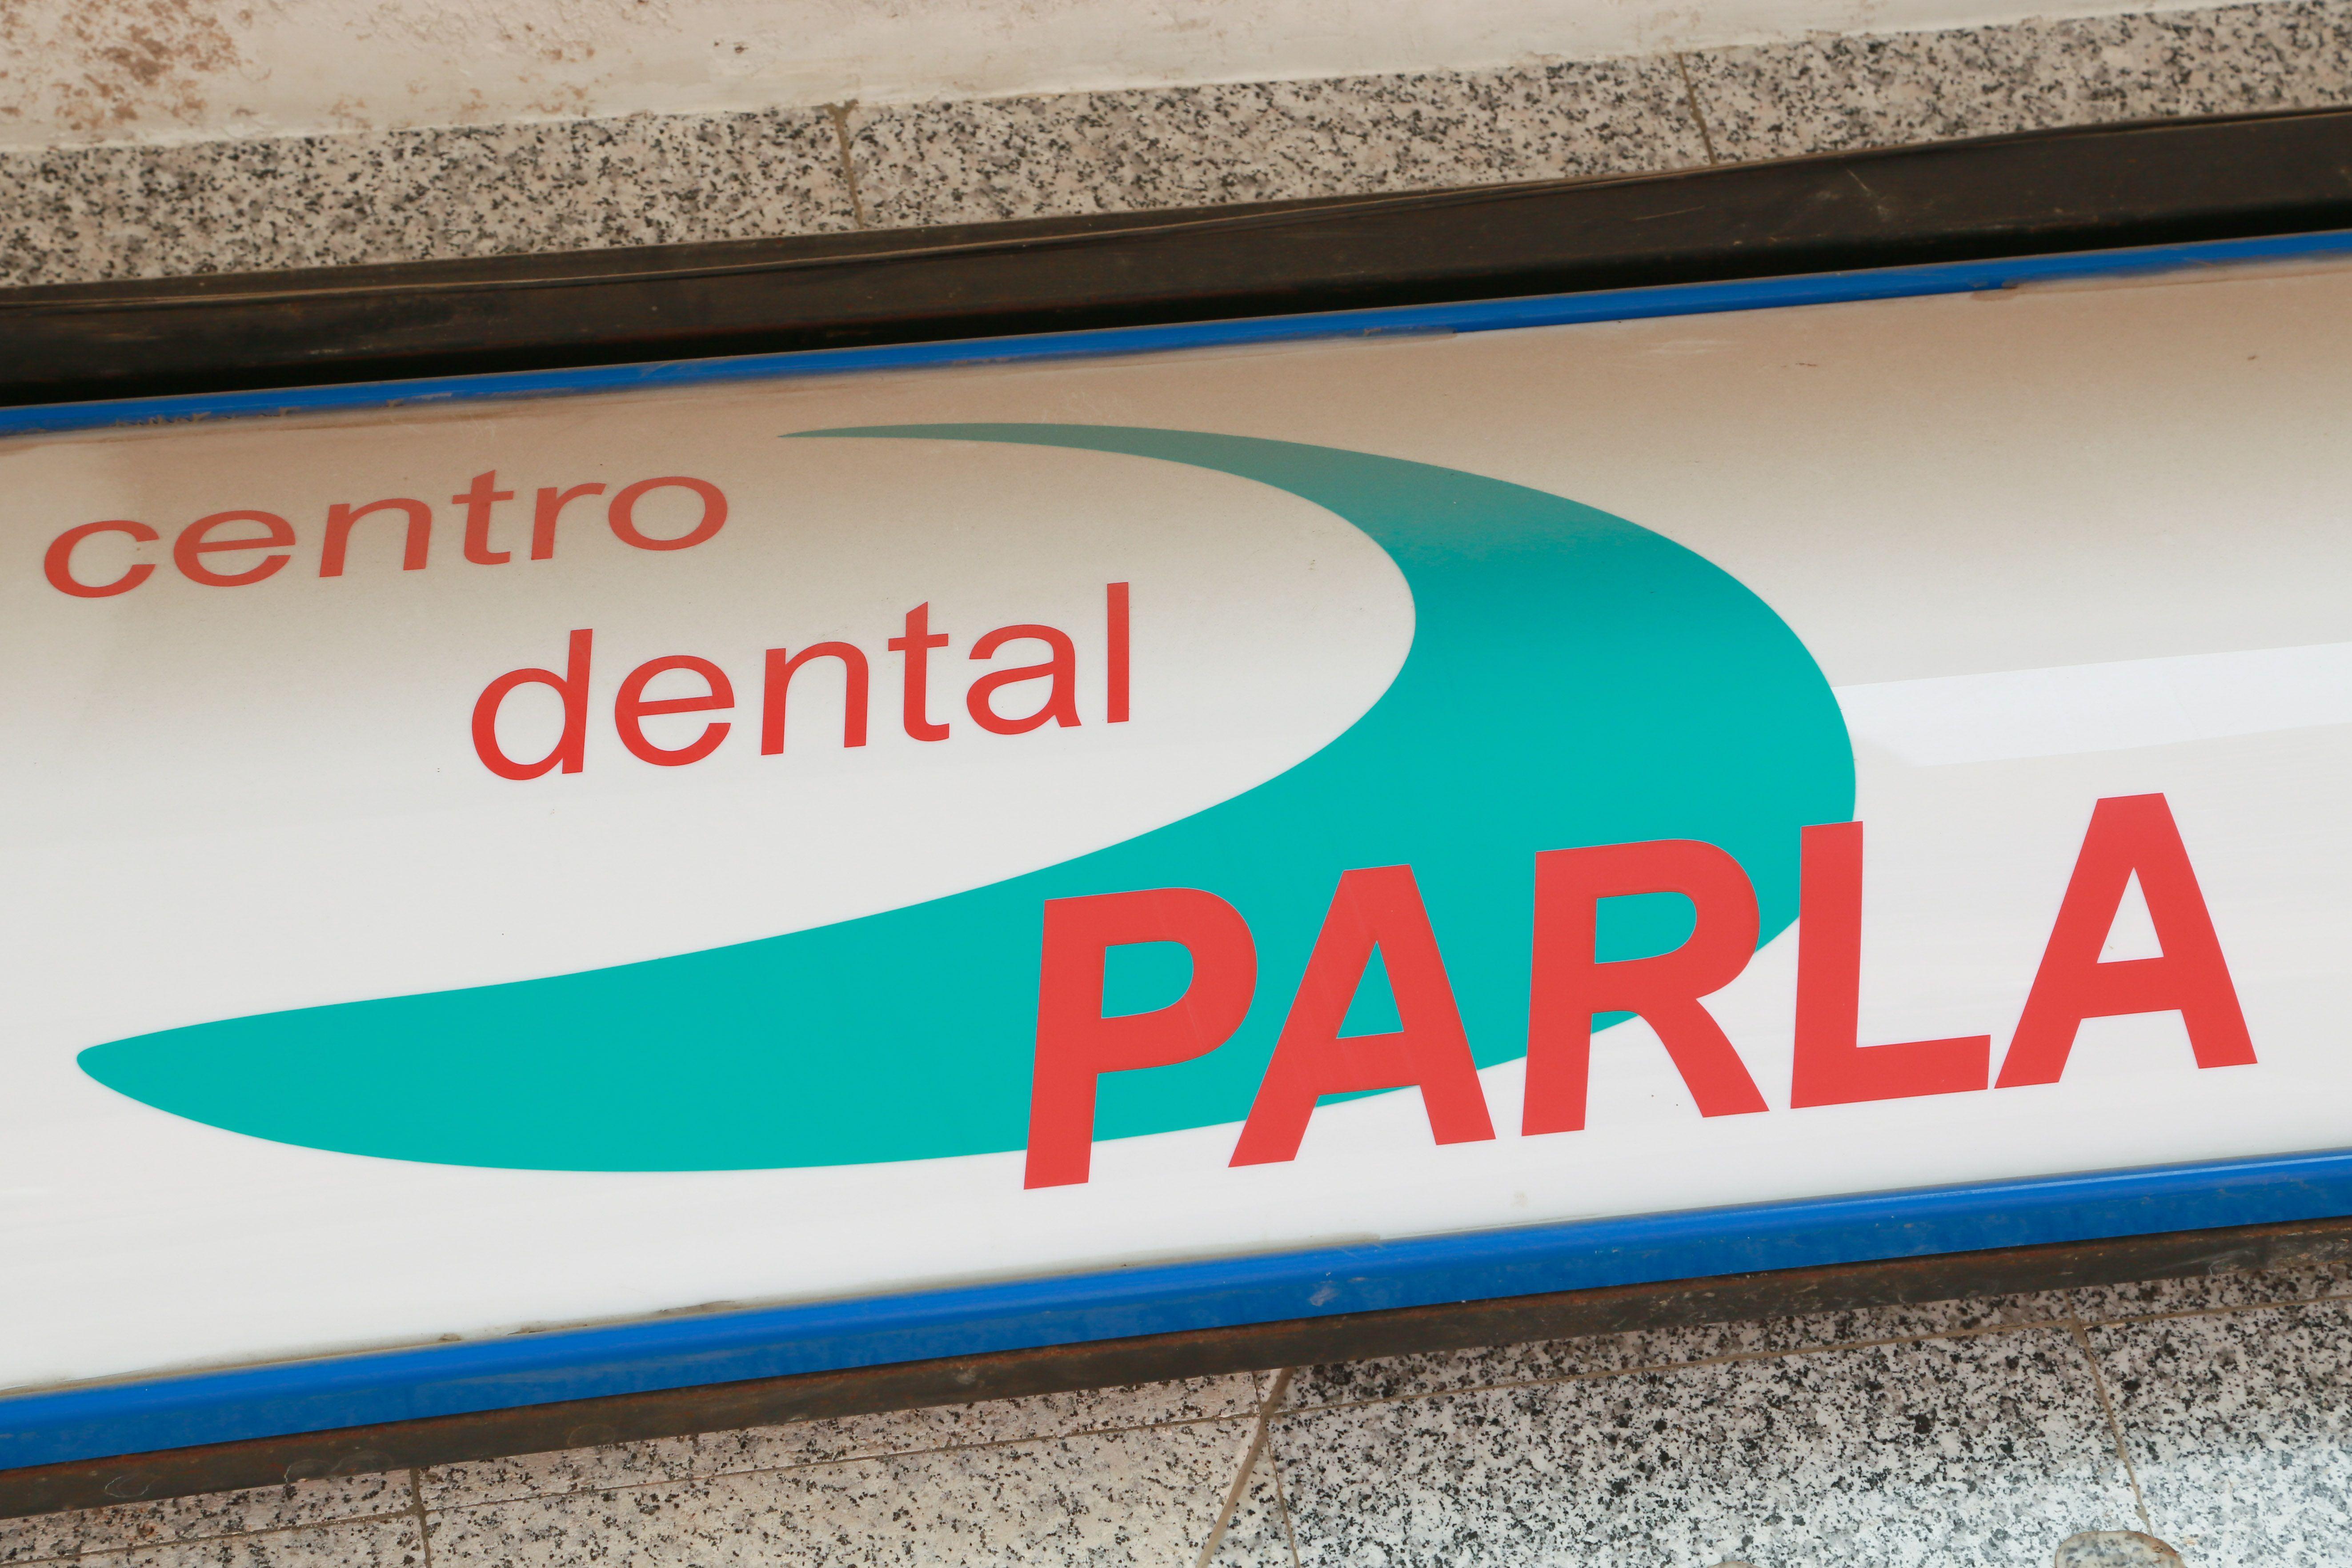 Foto 6 de Clínicas dentales en Parla | Centro Dental Parla